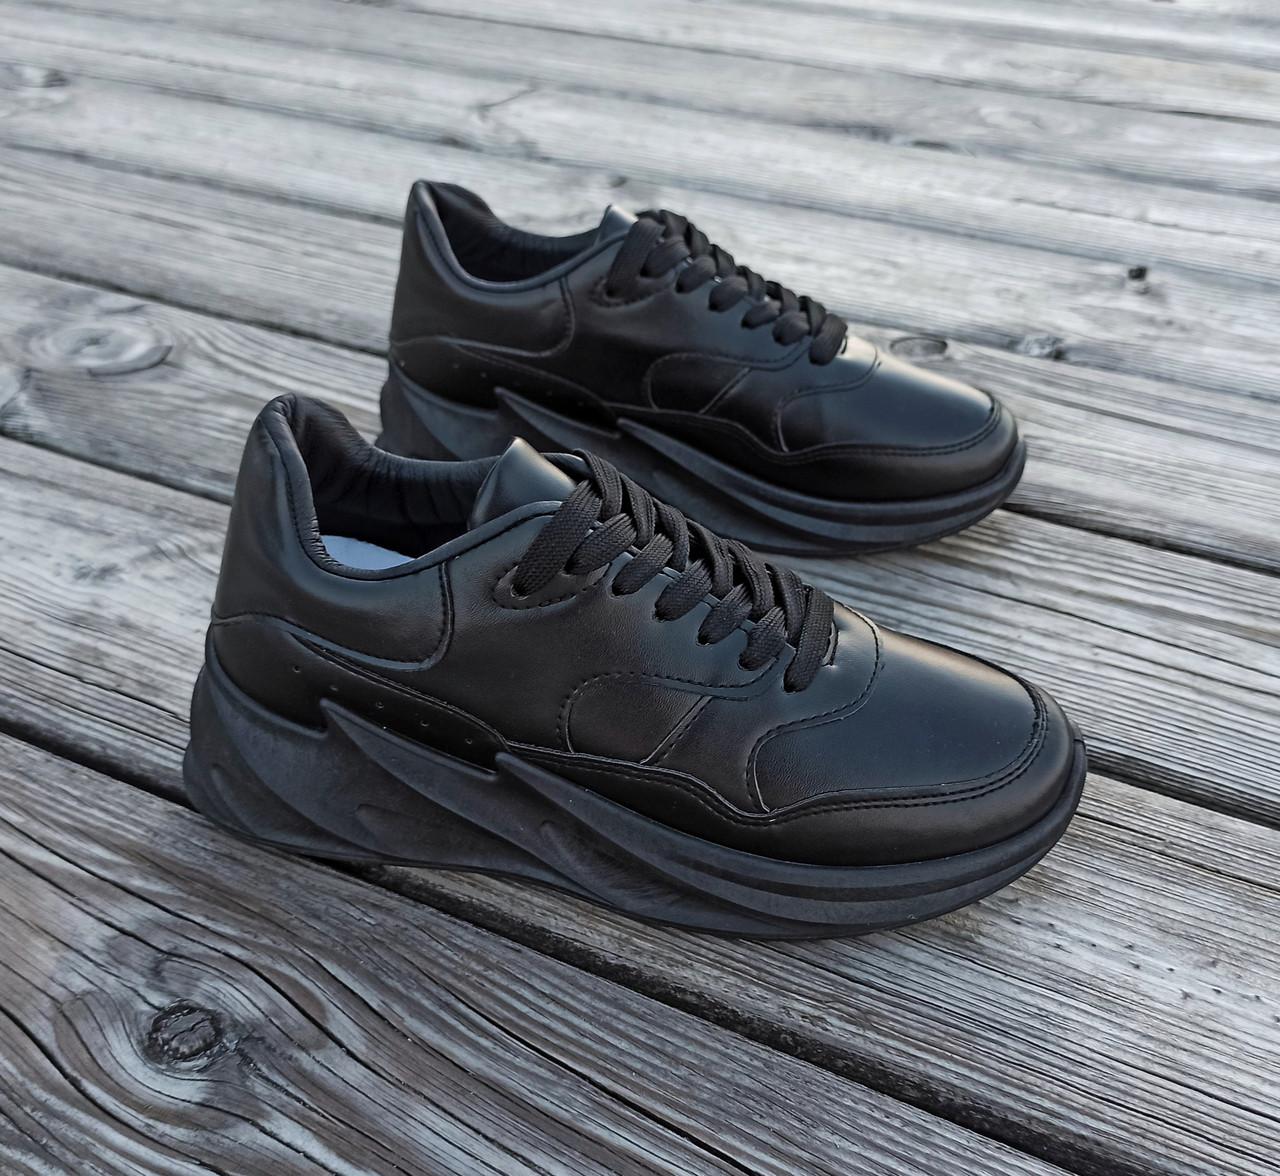 Чорні кросівки Adidas Shark еко шкіряні демисезон Адідас Шарк копія Жіночі